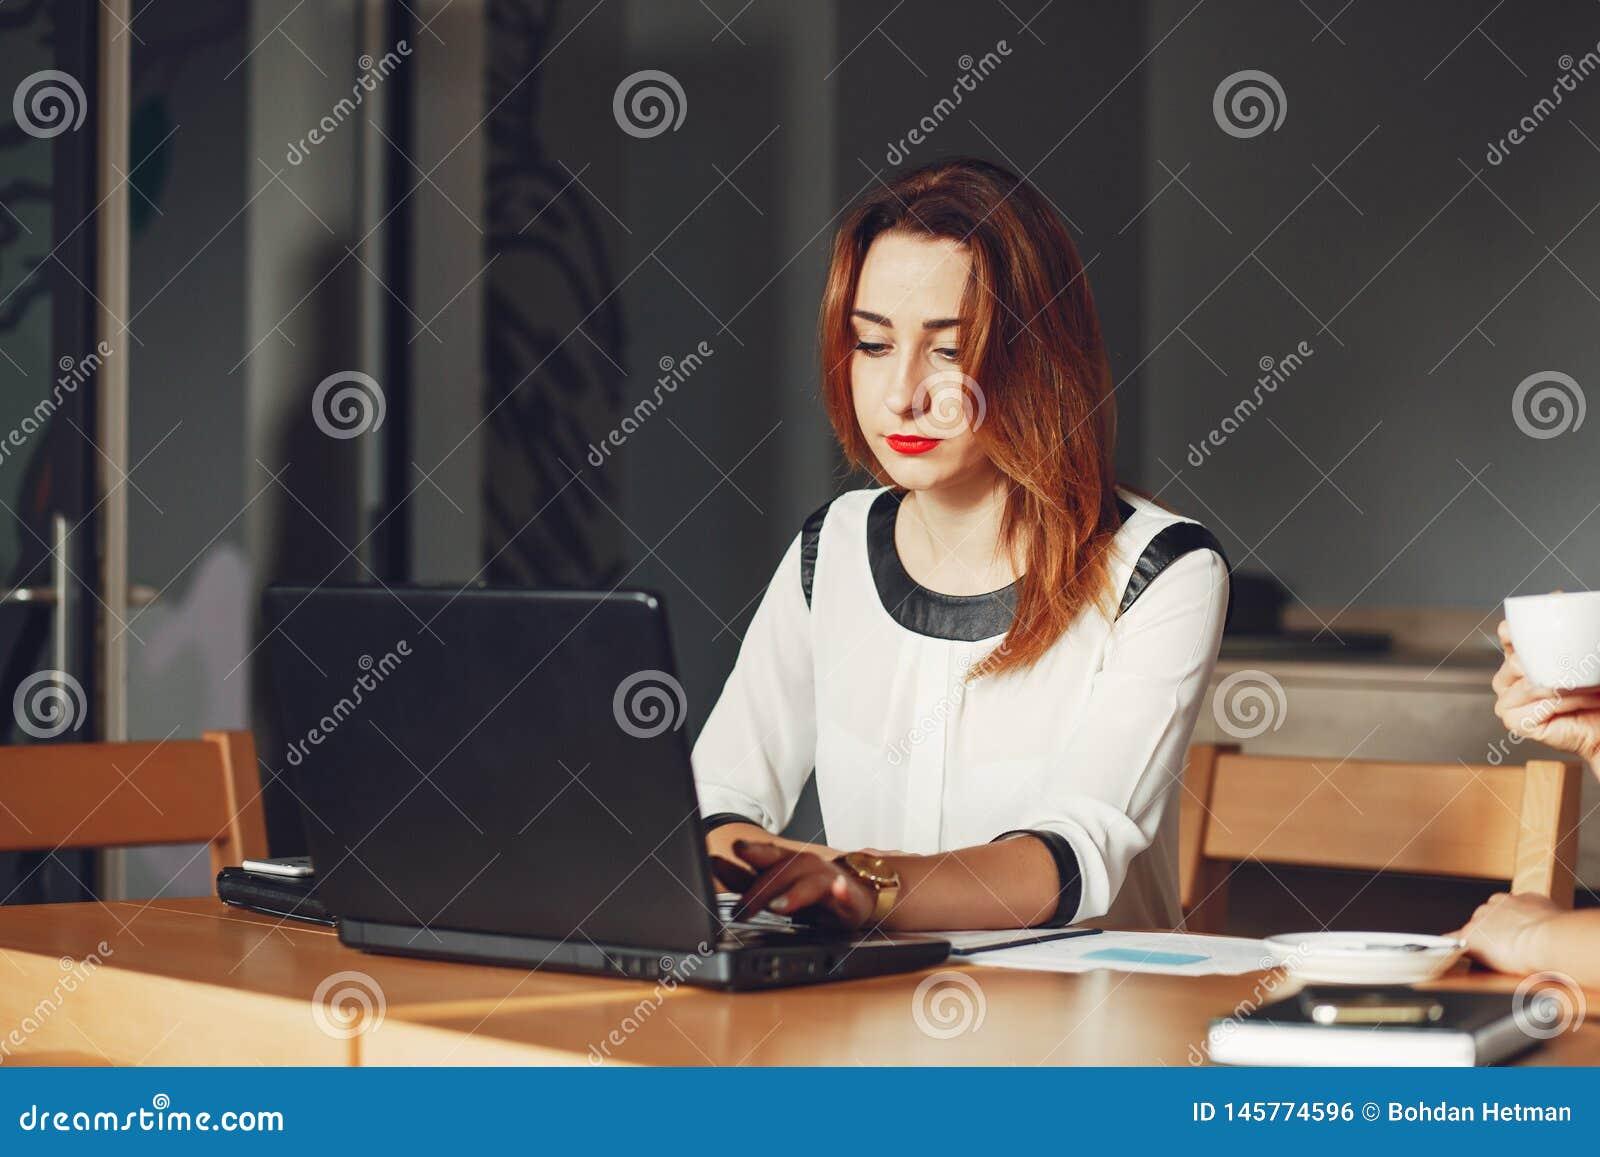 что за работа девушка в офисе